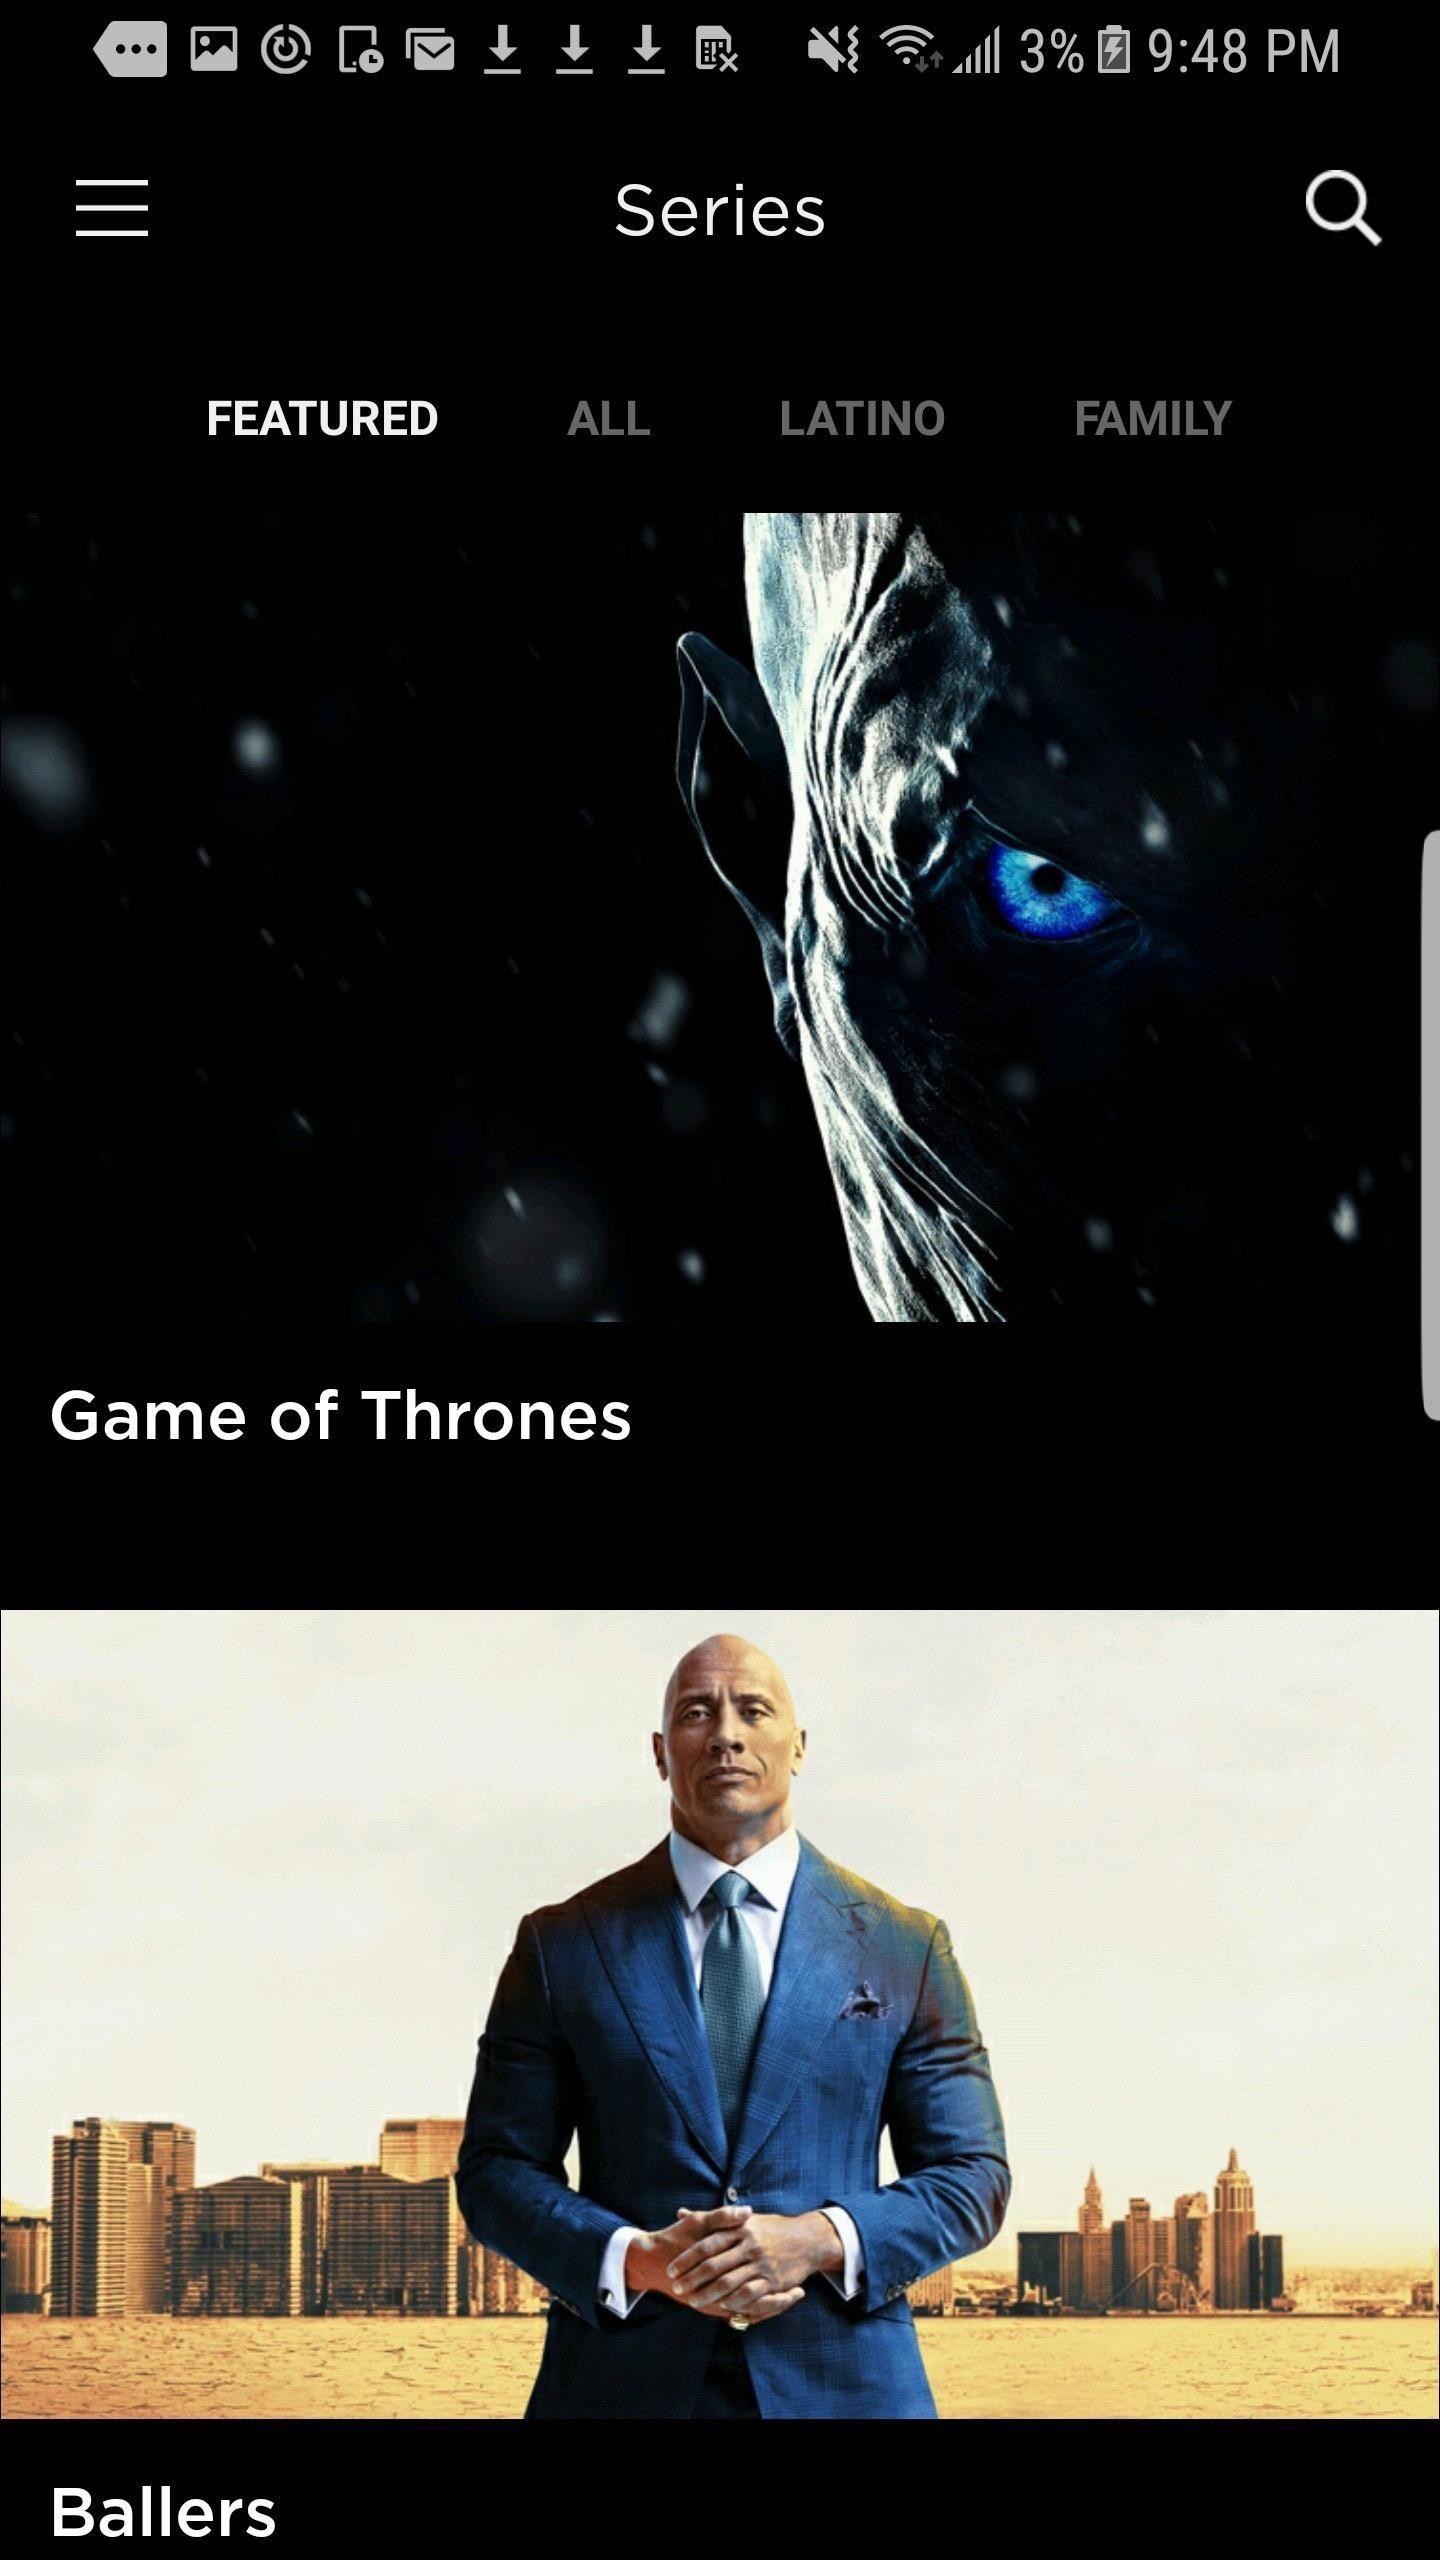 Best TV Streaming App: Netflix vs. Hulu vs. Amazon Prime vs. HBO Now vs. Showtime